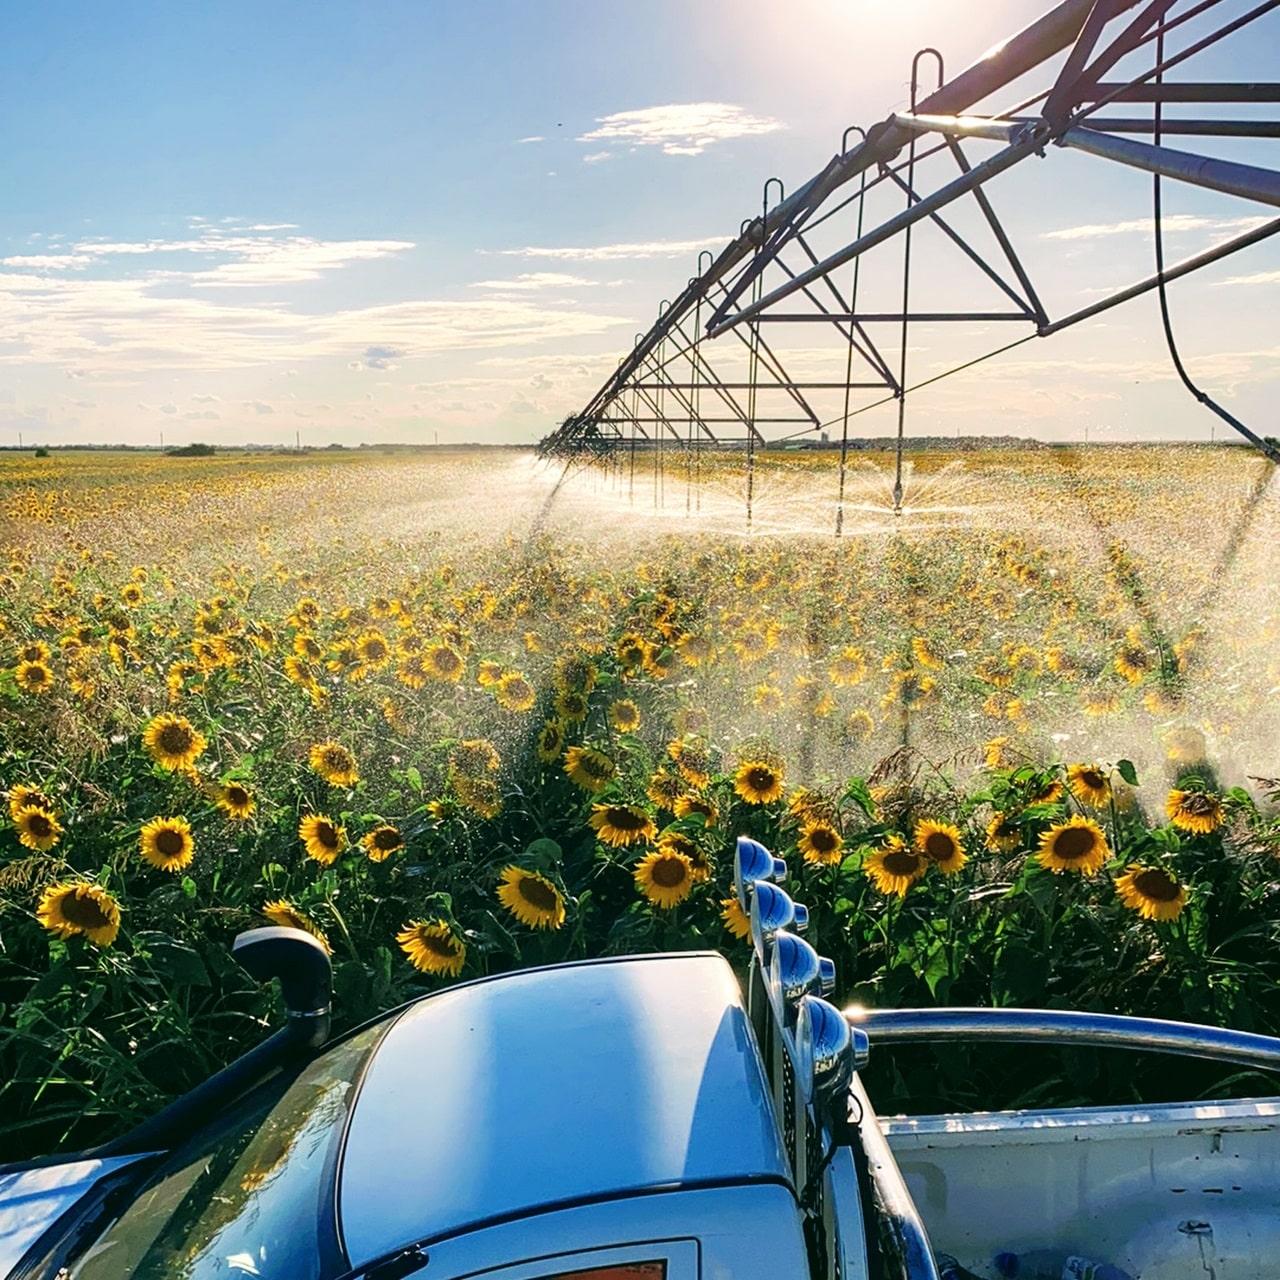 Cooperare internațională și transfer tehnologic în domeniul produselor ecologice – 6 octombrie 2021, ora 10:00 – Strada Autostrăzii Nr. 4, Ștefan cel Mare 917245, Călărași  –